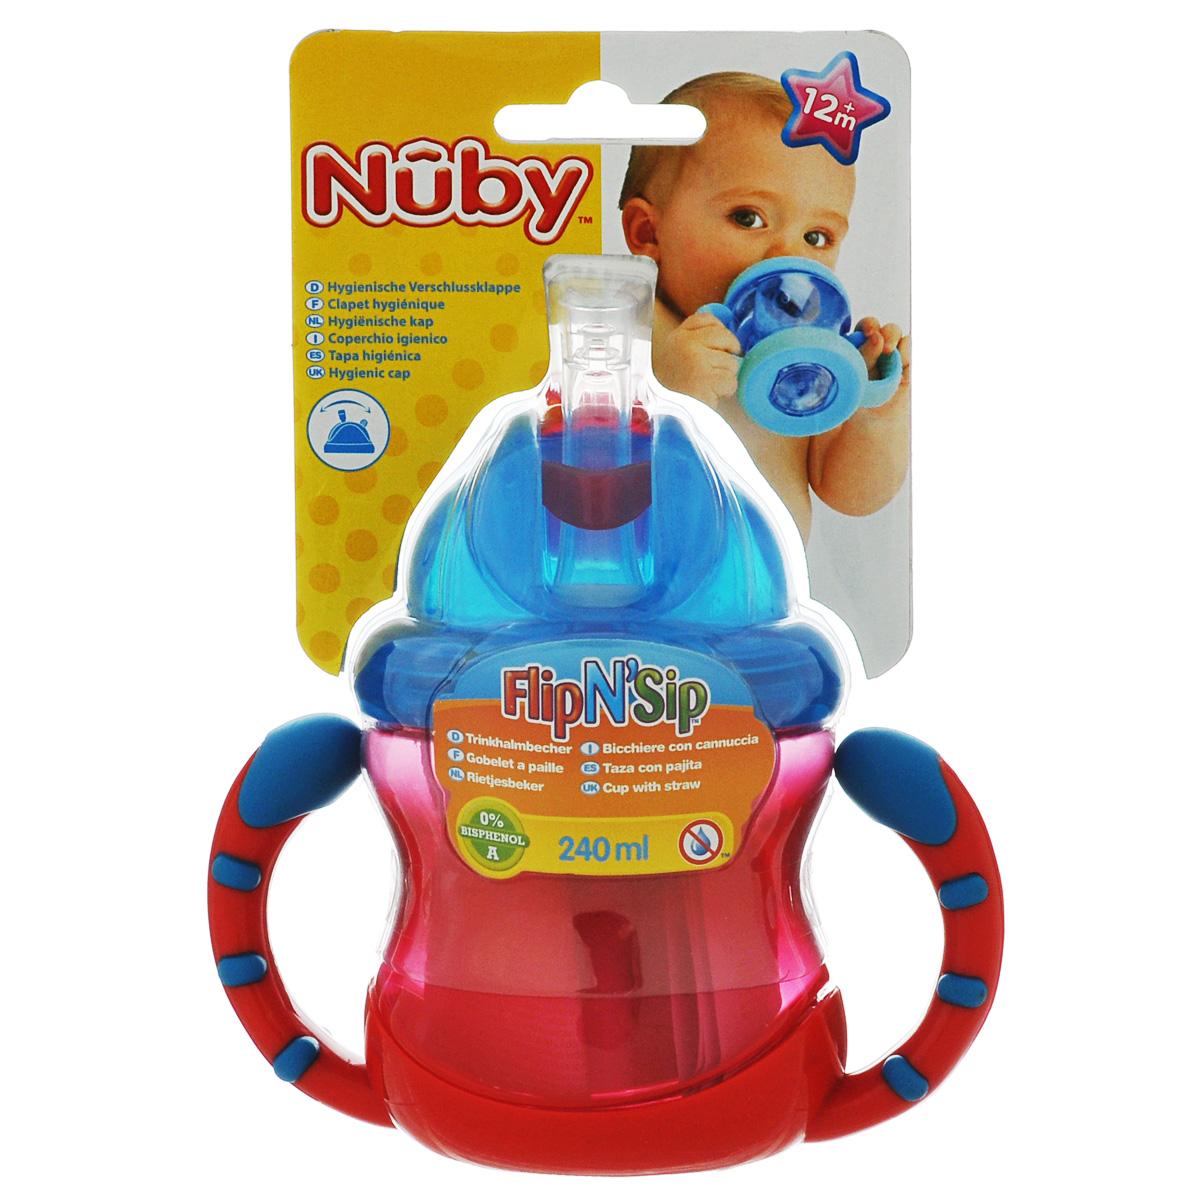 NUBY Поильник с силиконовым носиком-непроливайкой и съемными ручками, 240 мл, цвет: красный. ID9845